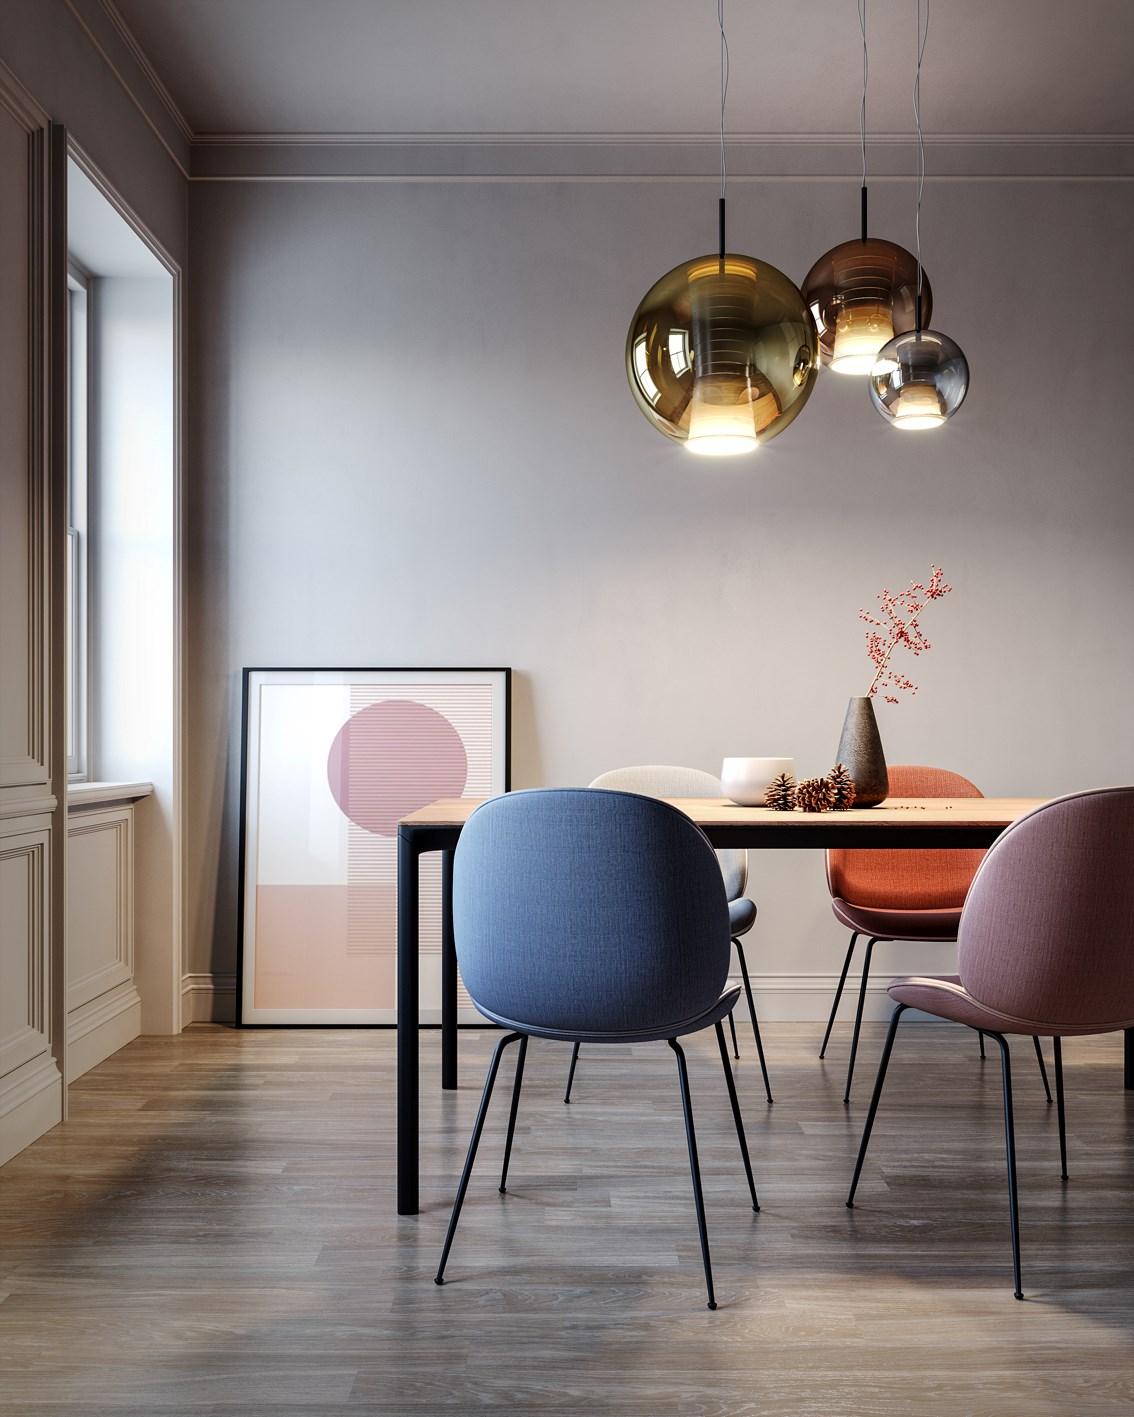 Fabbian-Marc-Sadler-Beluga-Royal-Pendant-Lamp-Matisse-2